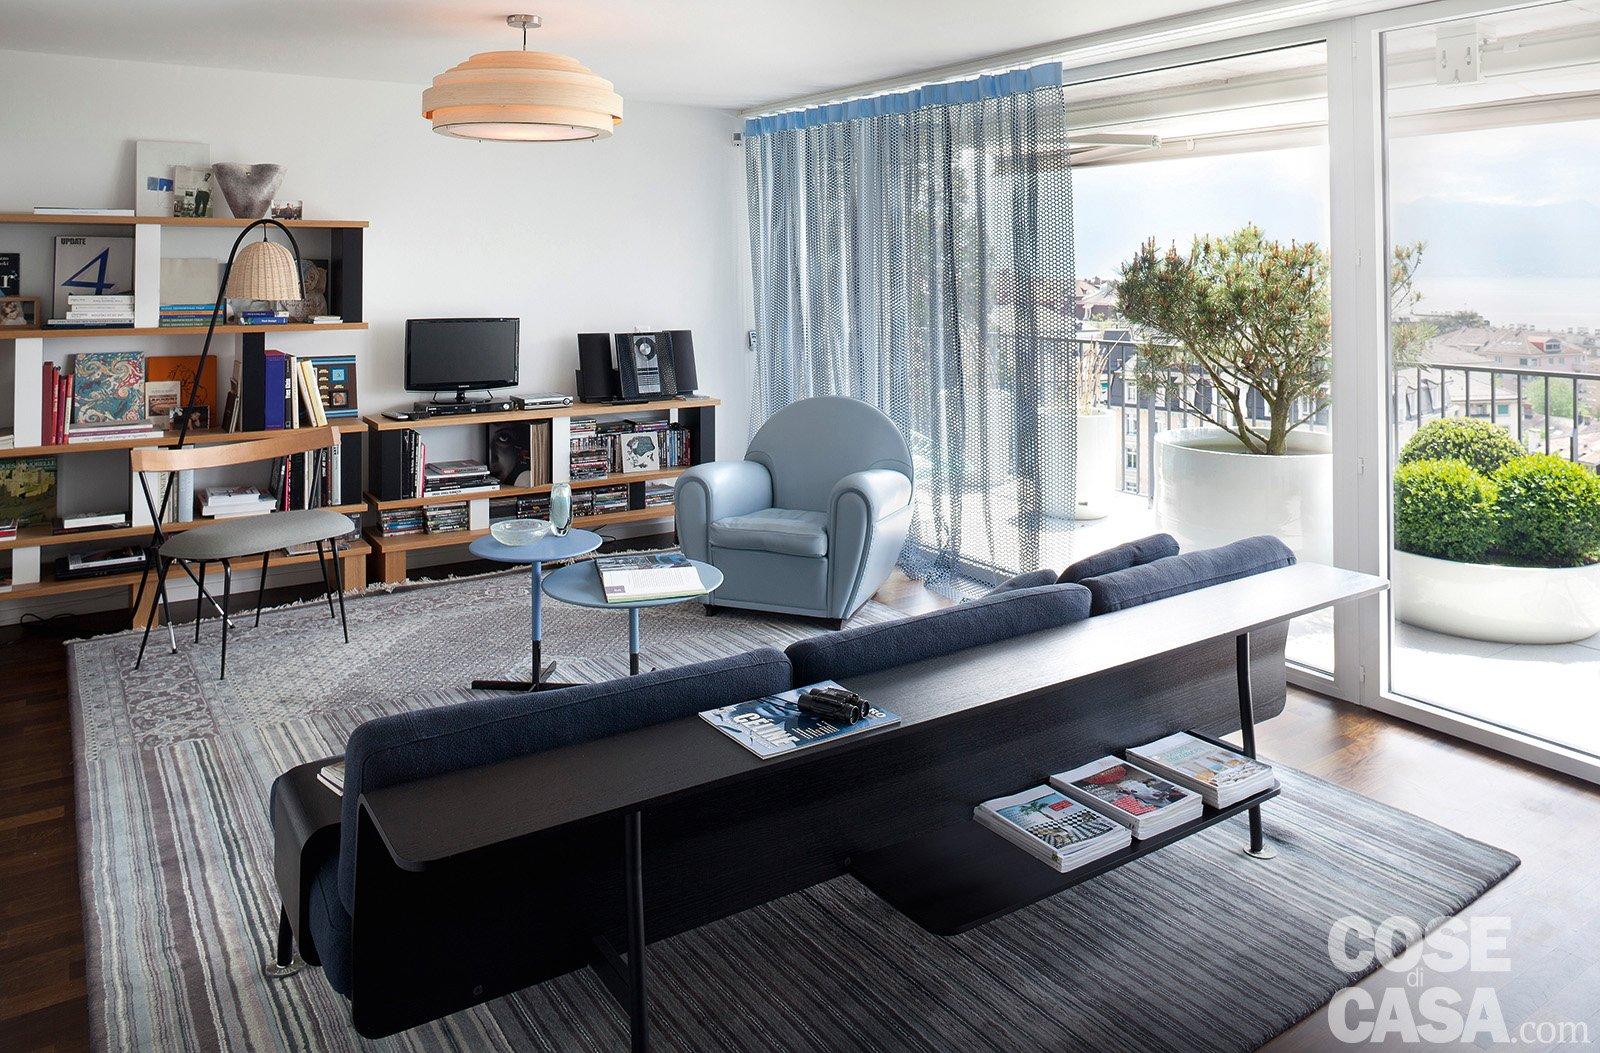 Maxi bilocale con terrazzo perfetto per due cose di casa - Divano al centro della stanza ...